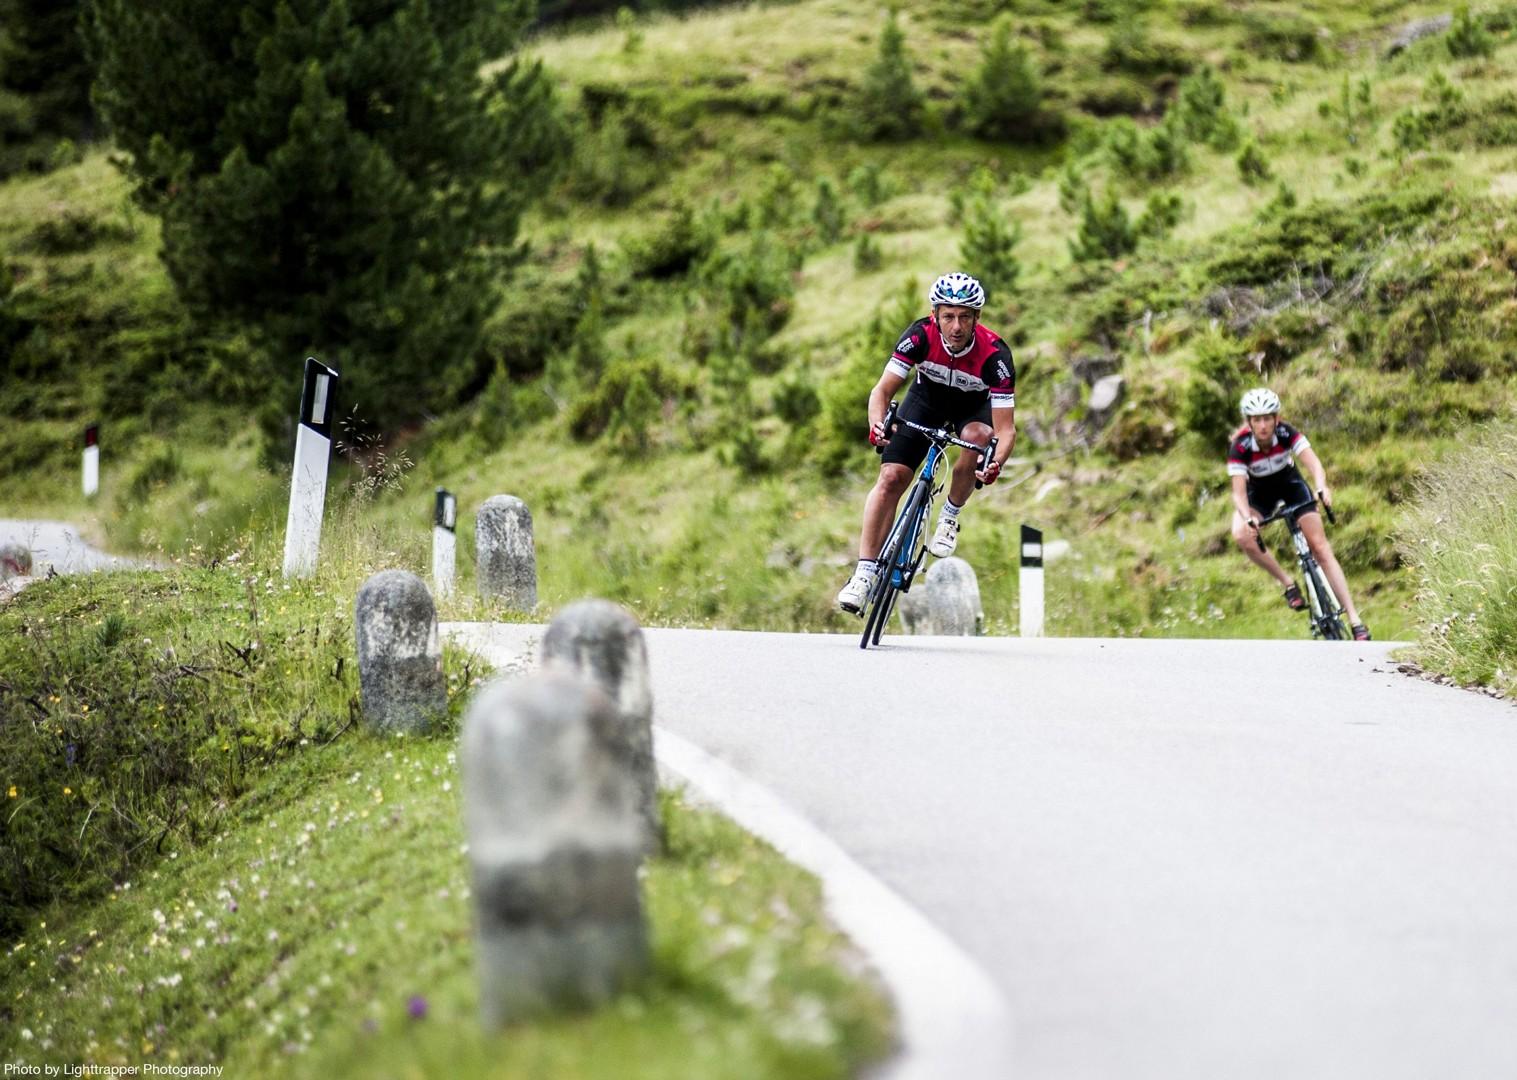 italian-alps-gavia-guided-road-cycling-holiday.jpg - Italy - Italian Alps Introduction - Guided Road Cycling Holiday - Italia Road Cycling